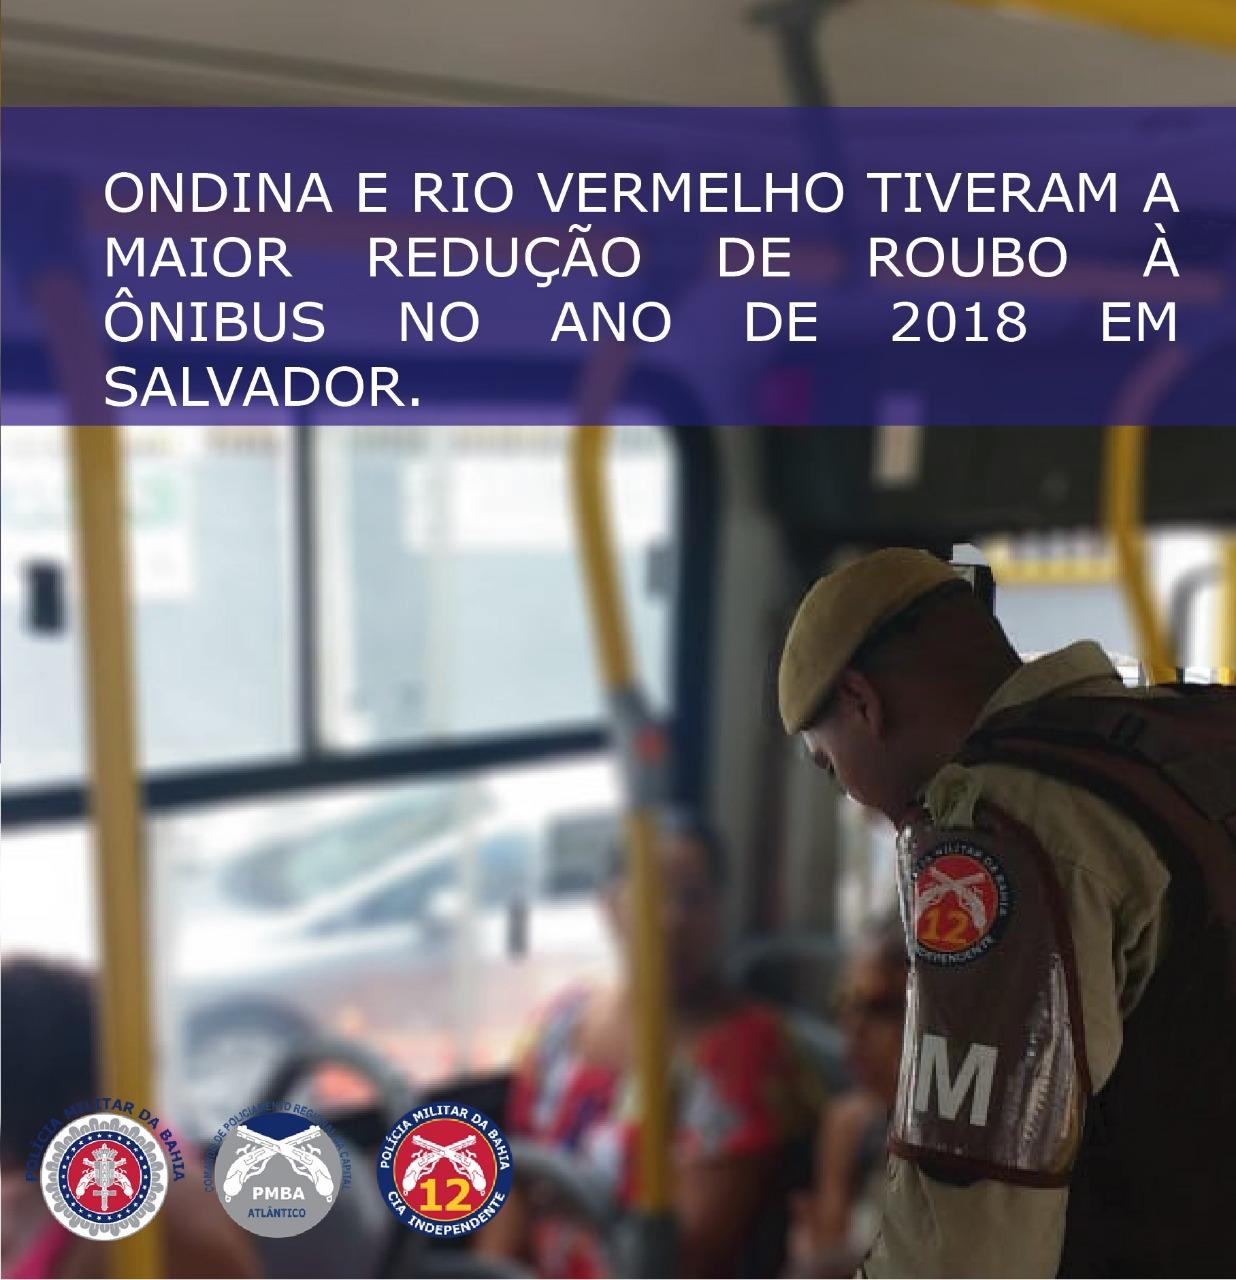 Roubo a ônibus teve redução de 44,7% na área  integrada da Segurança Pública do Rio Vermelho